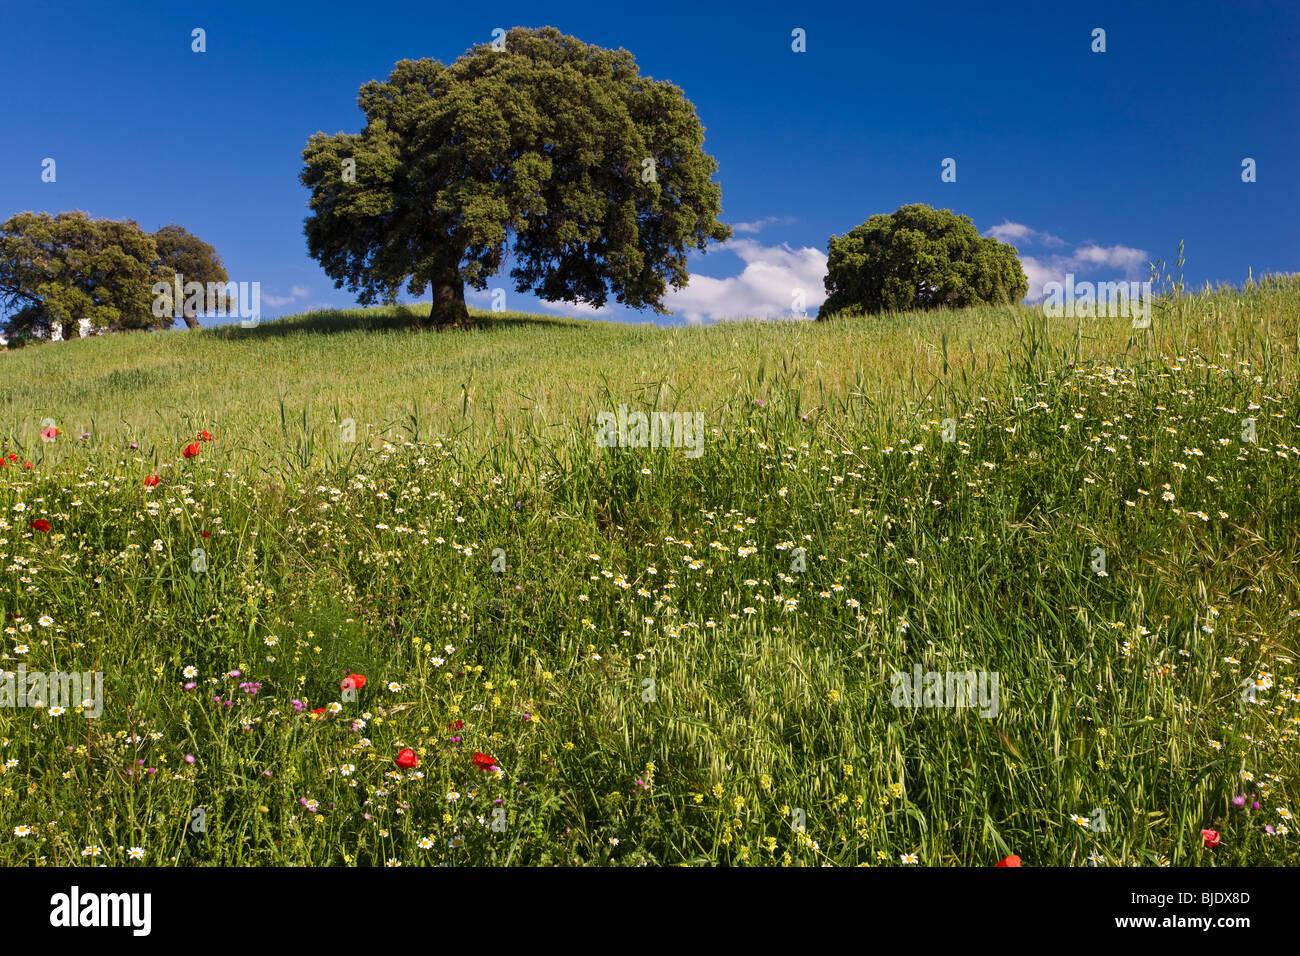 Wilde Blumen im Feld, Frühling, nr Olvera, Andalusien, Spanien Stockbild